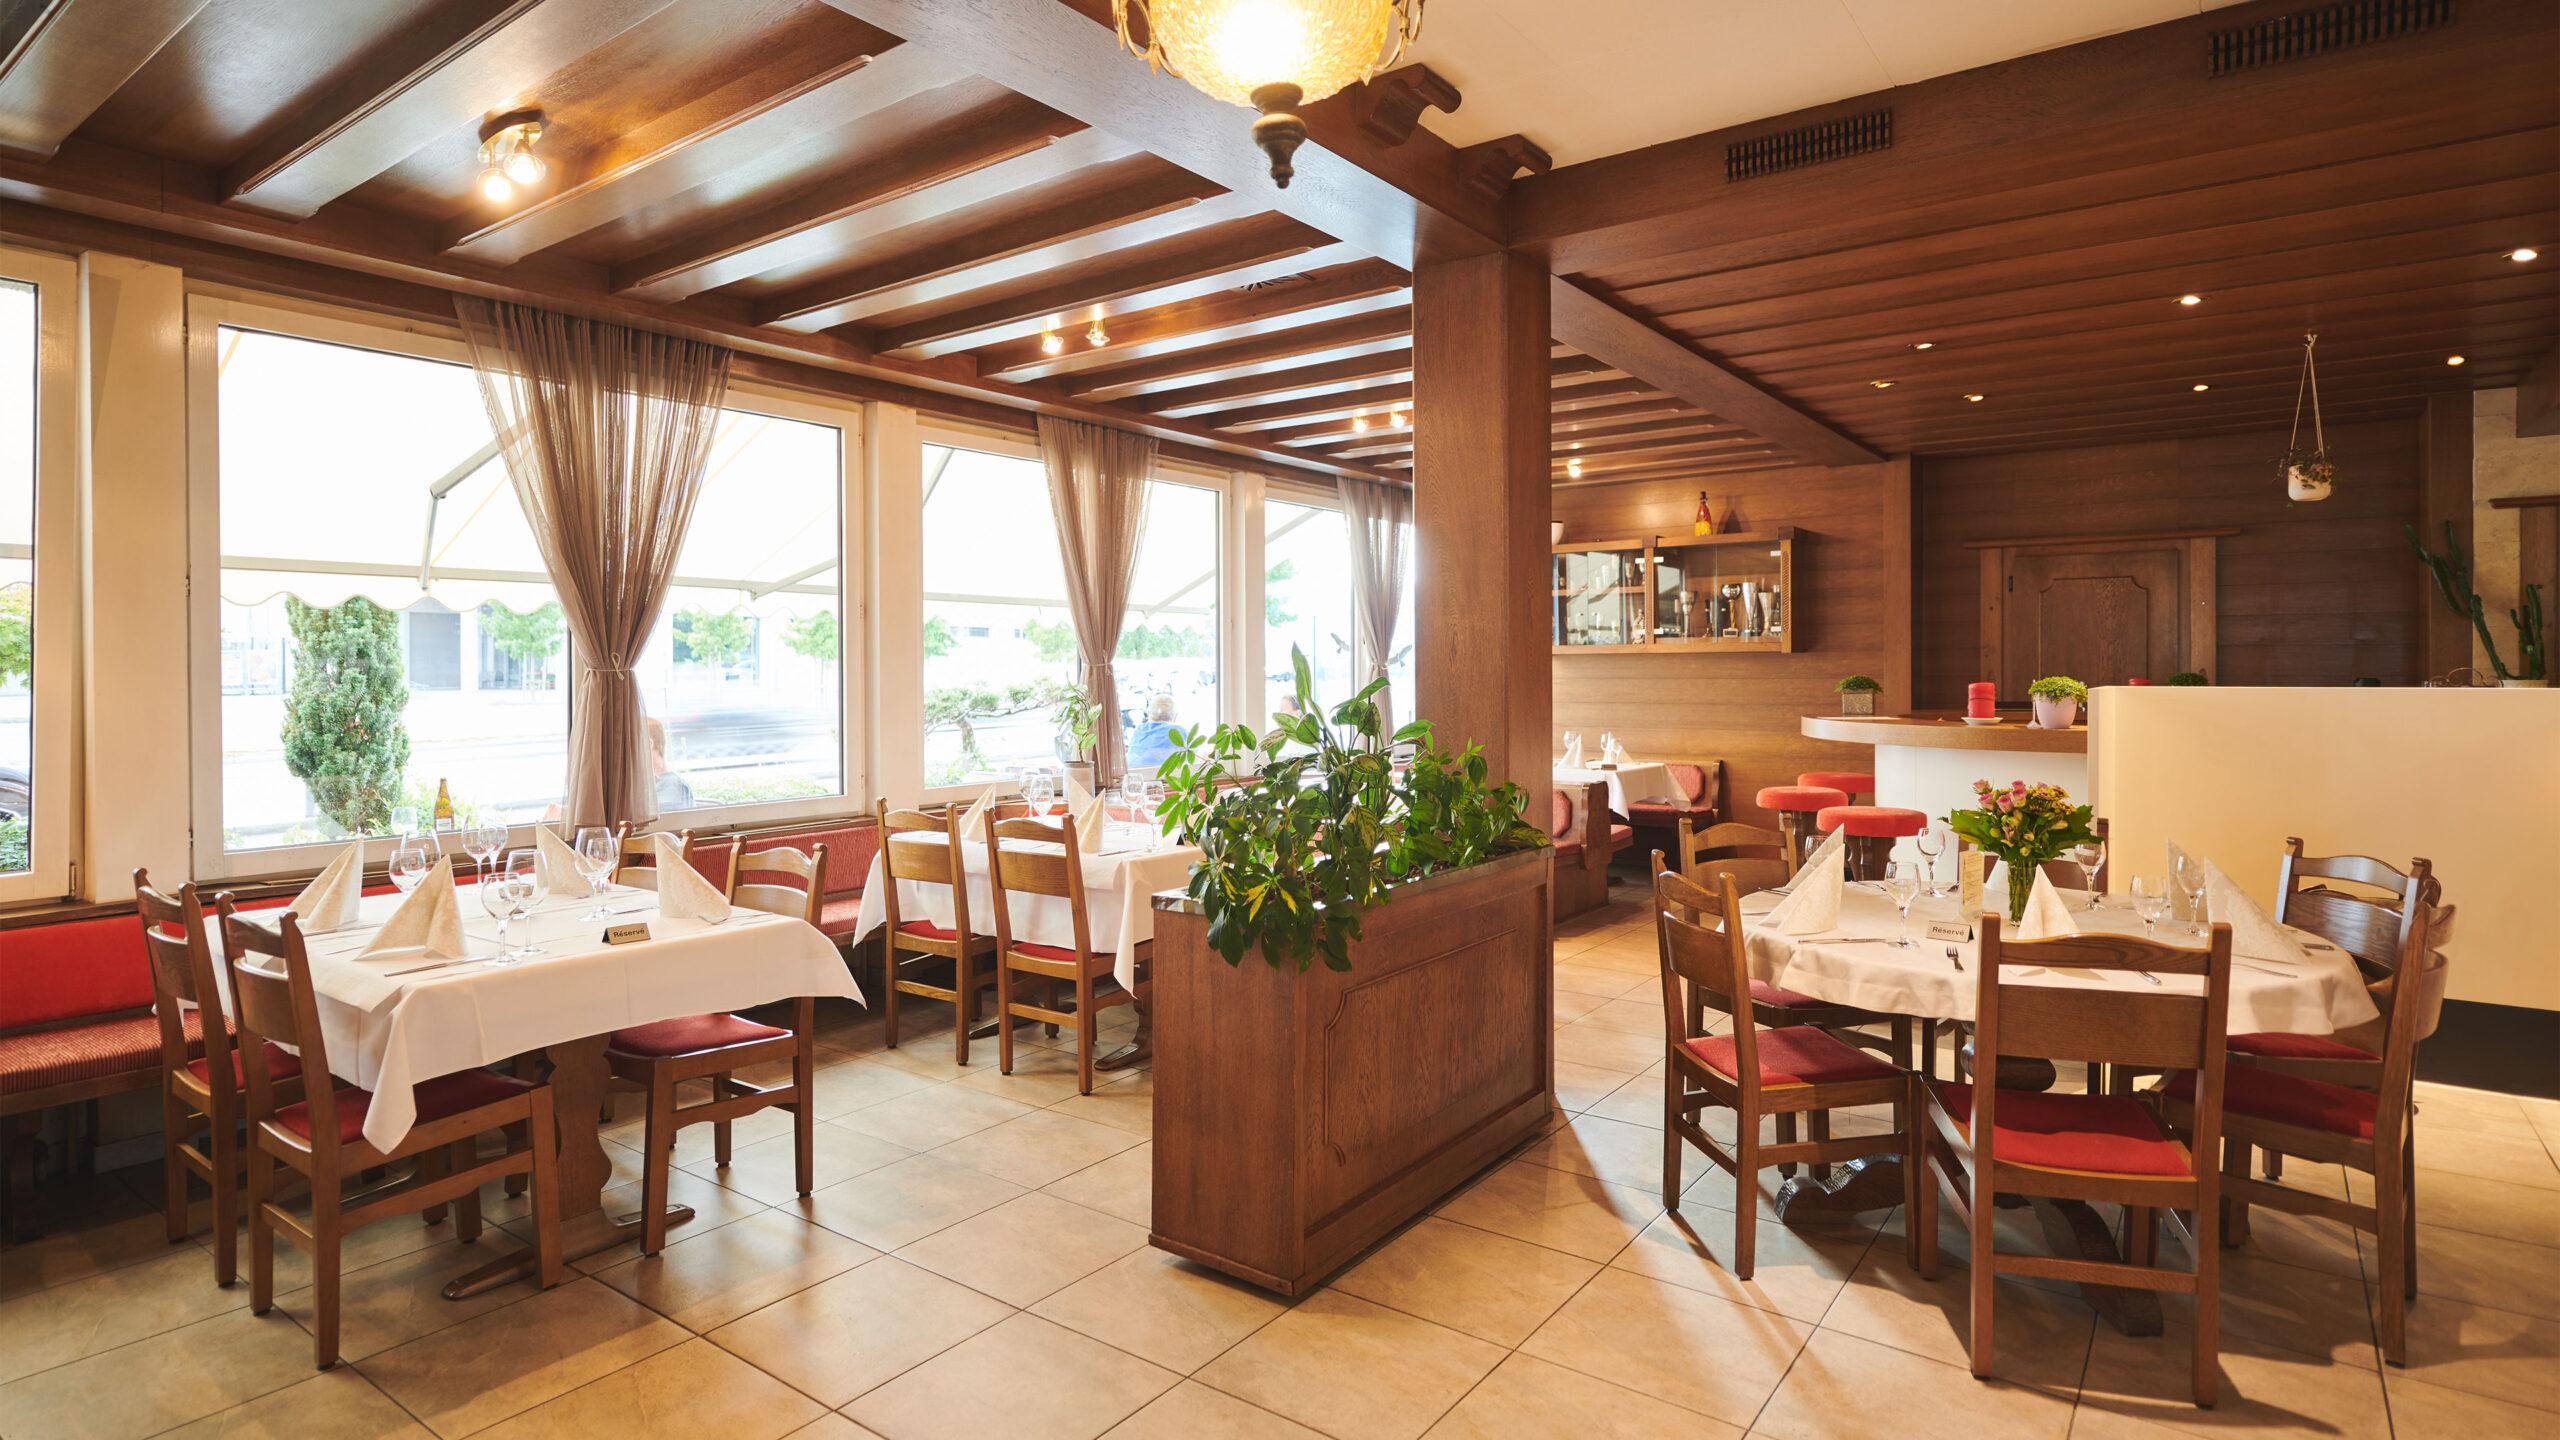 Restaurant-Schiffli-Diepoldsau-200905-PHK0167_eciRGB_v2-3840x2160